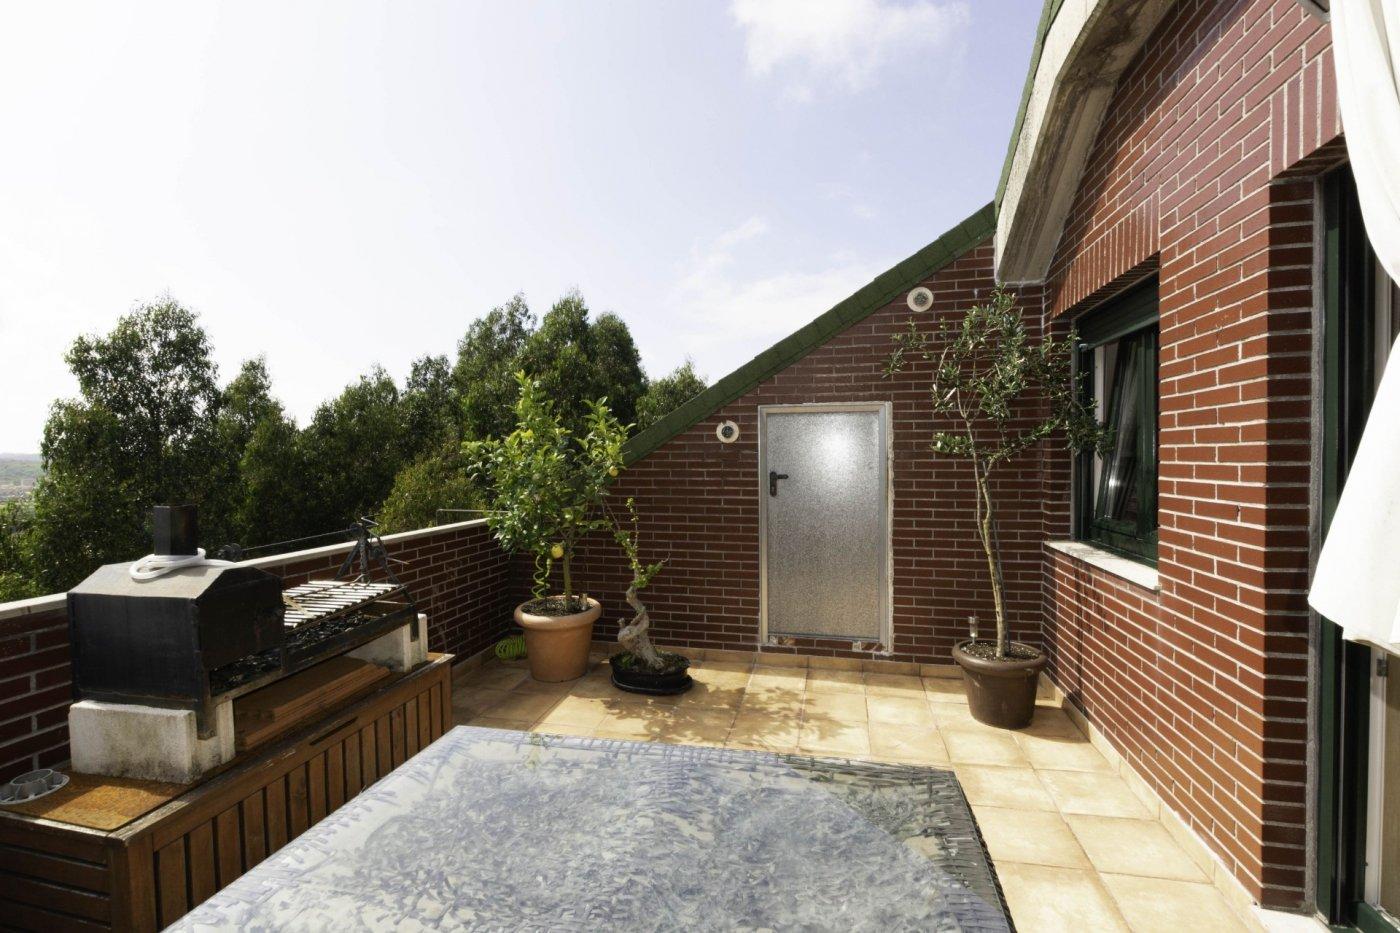 Ático con terraza de 11 m2, a 2 km de salinas - imagenInmueble0